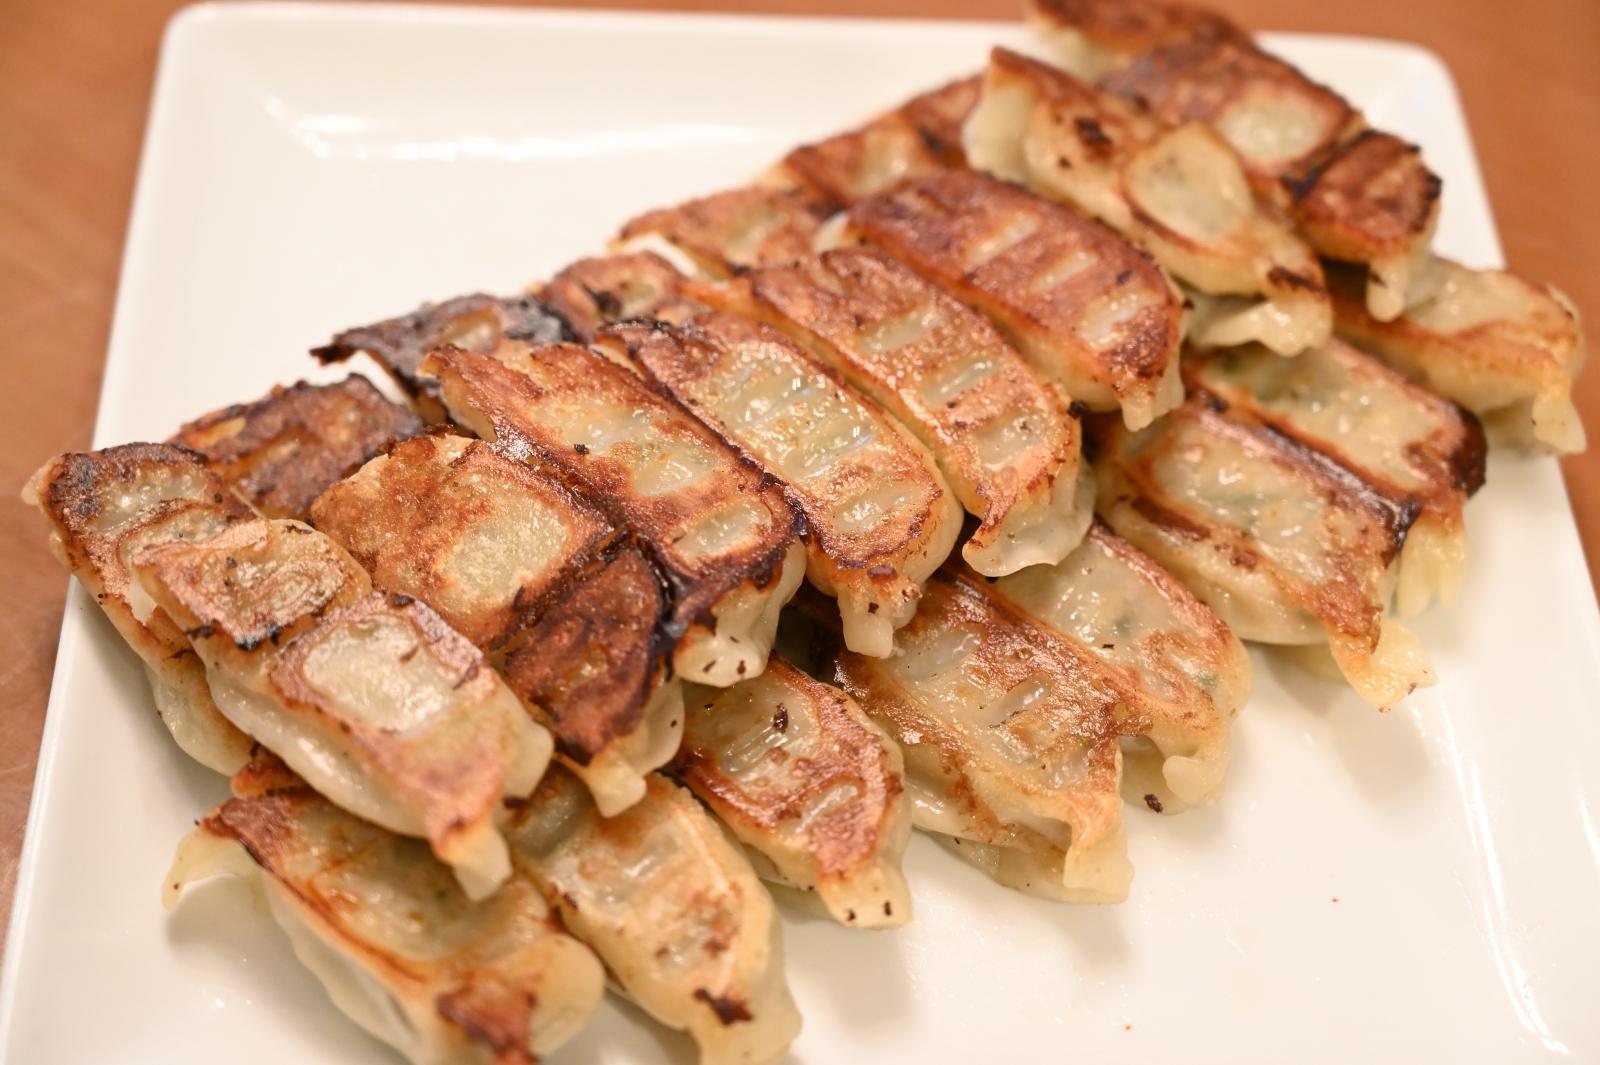 東京目黒 中華味一 濃厚肉汁背脂餃子 特製背脂小袋付き 72個入り